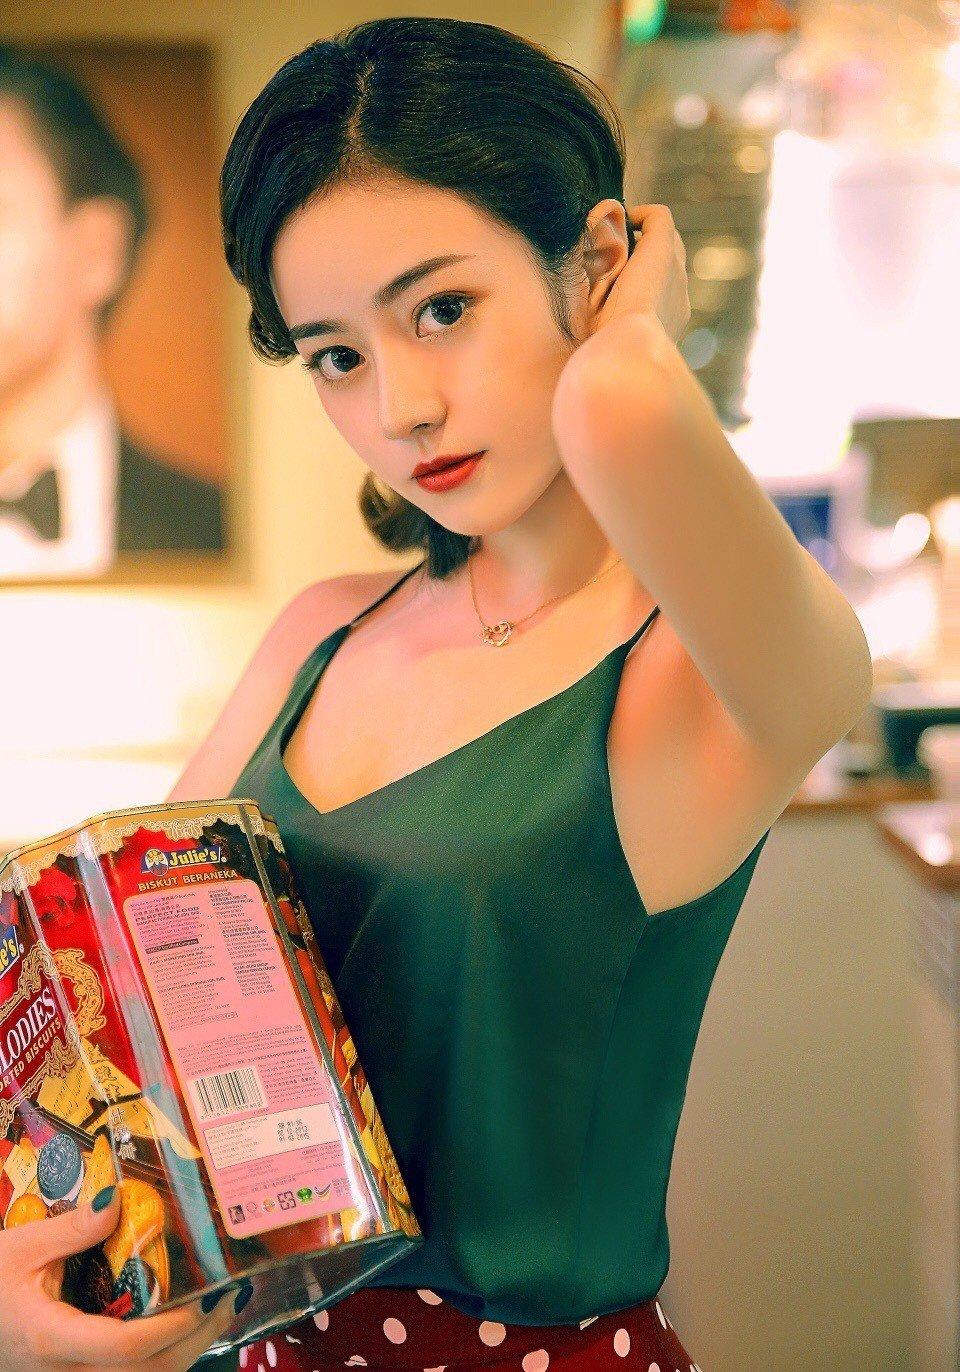 文艺复古美女性感诱人美女艺术写真